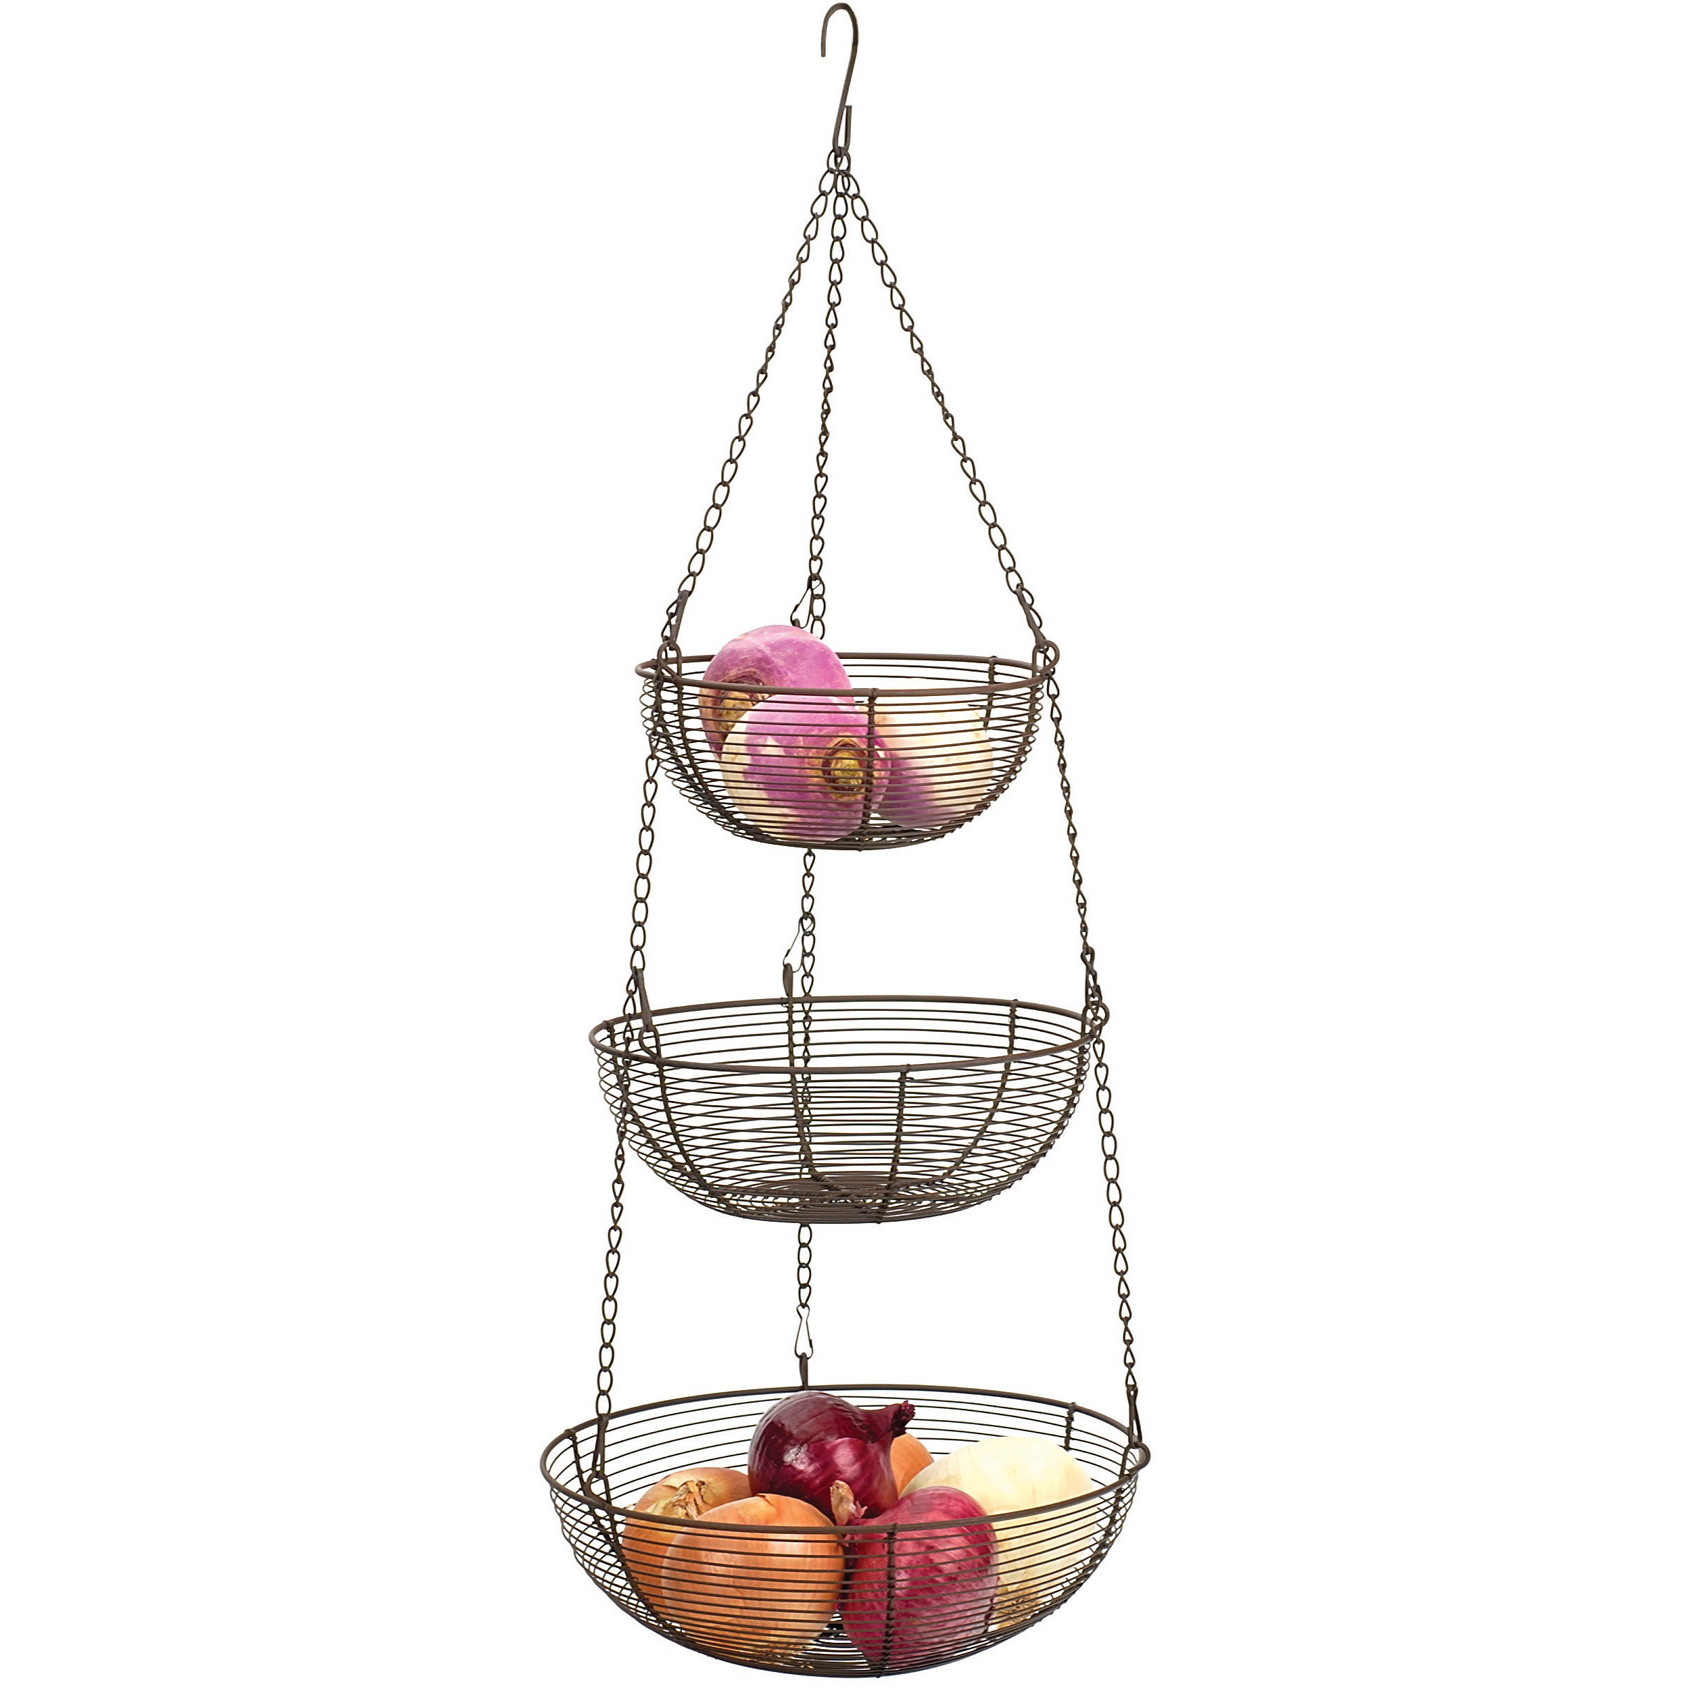 RSVP Bronze Woven Wire Hanging Storage Baskets